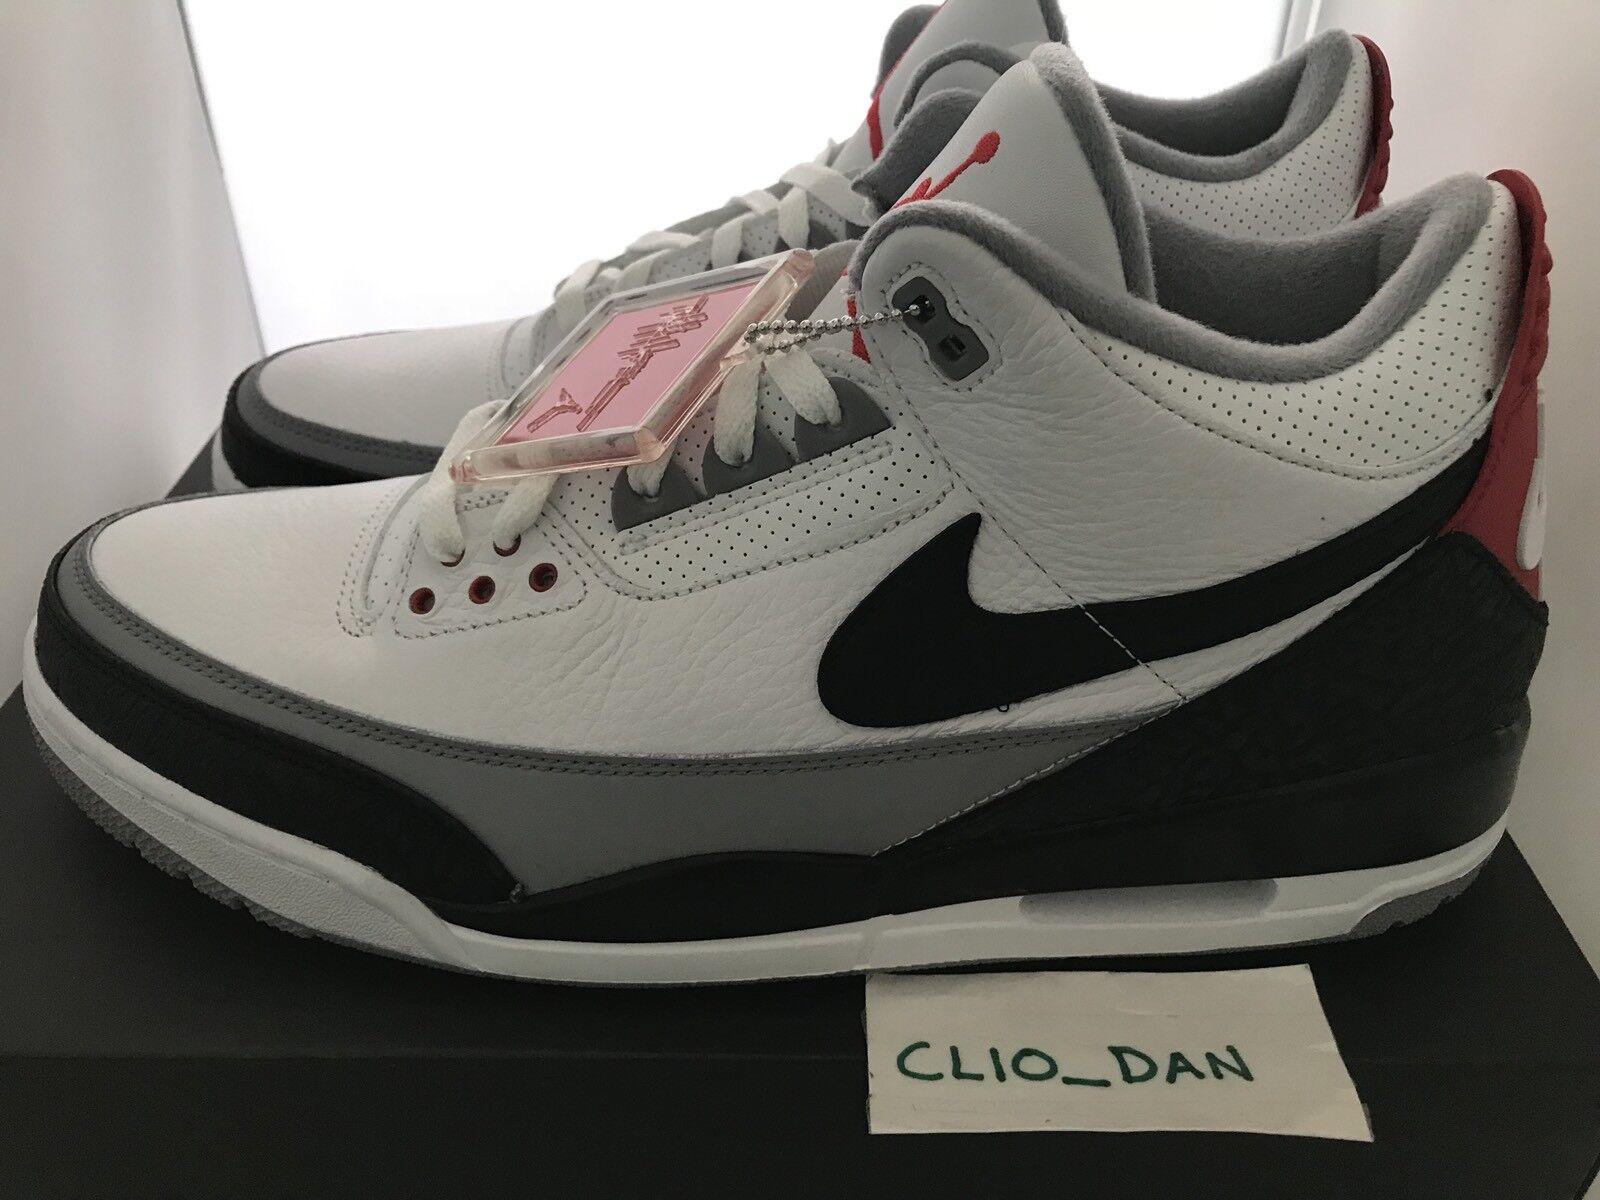 Nike Air Nrg13 Jordan 3 Tinker Hatfield Nrg13 Air / US 14 40e5c6